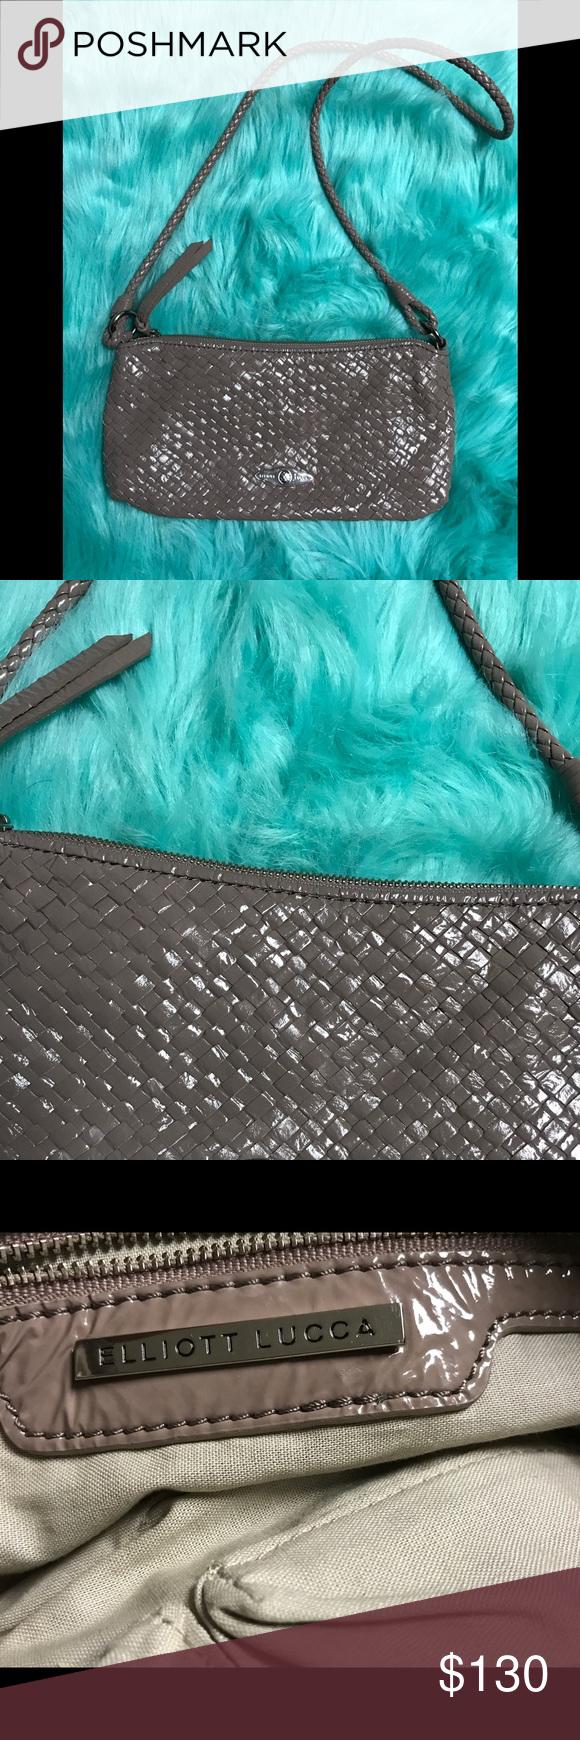 Elliott Lucca Purse Perwinkle Patent leather bag, Sleek